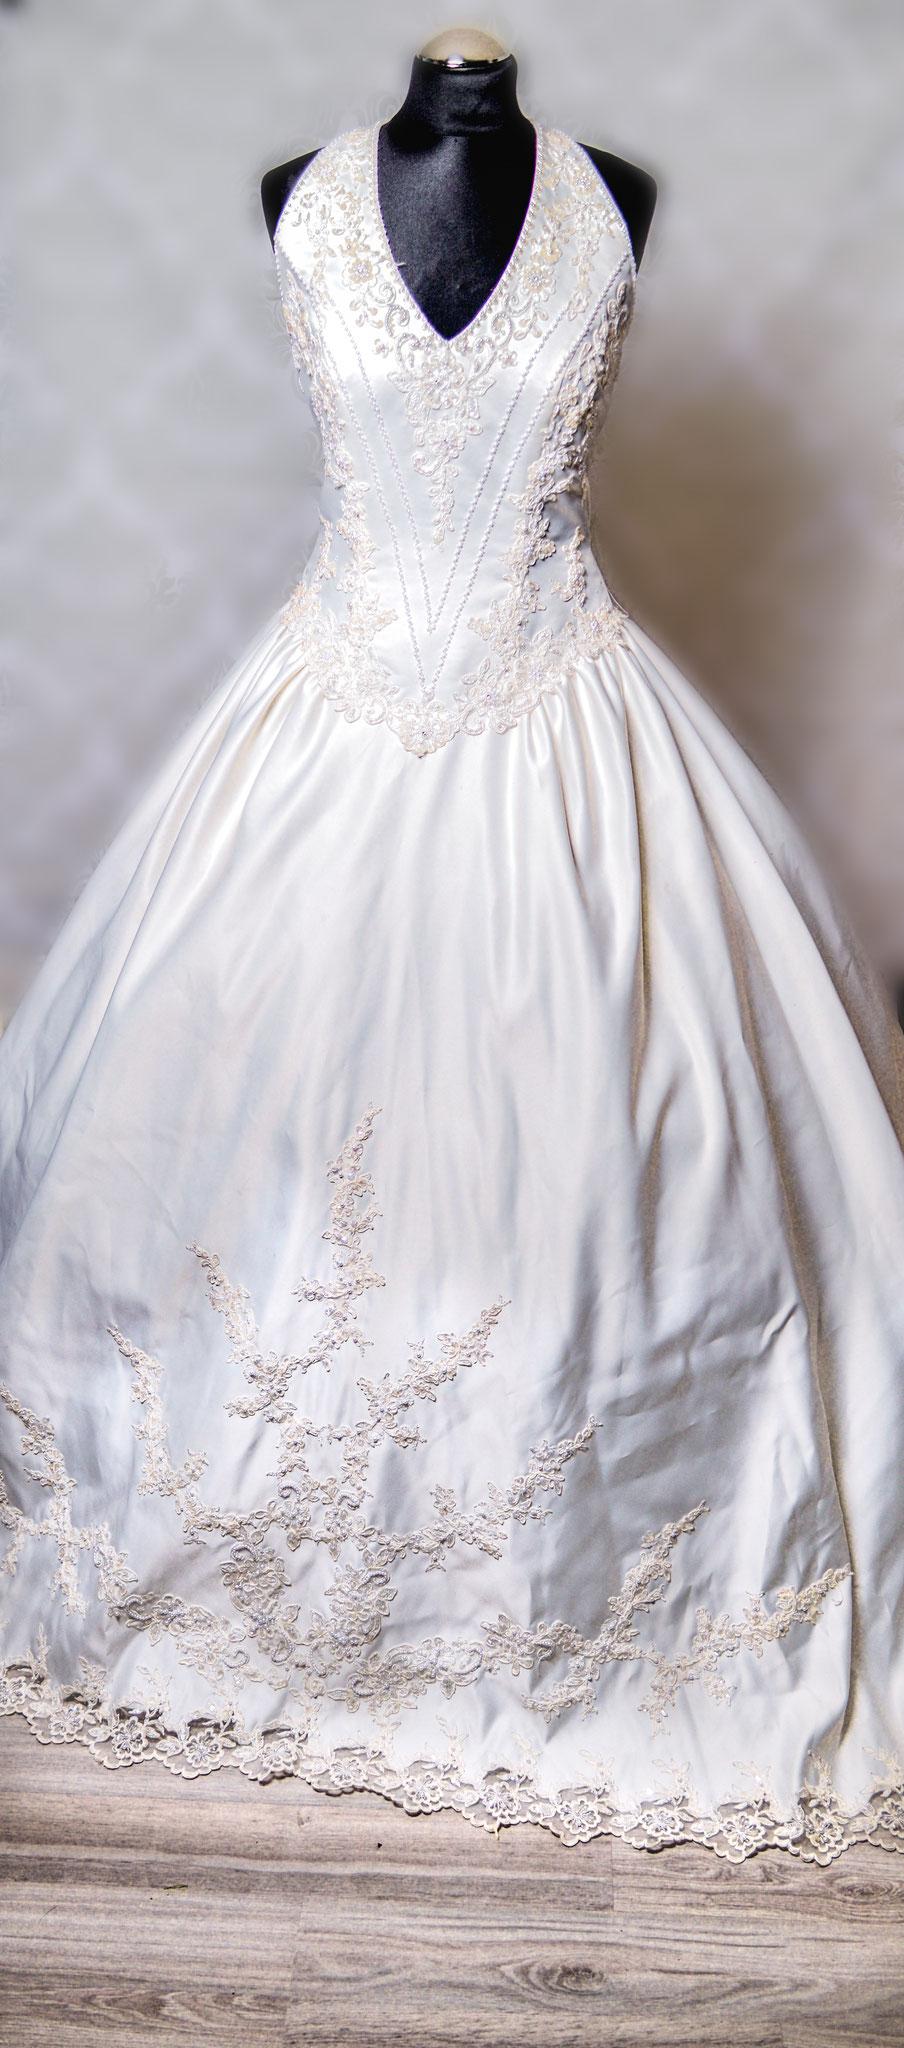 Nr. 5Traumhaftes Prinzessinen Kleid von Miss Kelly mit Swarowski Steinen Farbe: Ivory und 3m langer Schleppe EIN TRAUM ! Gr. 38-40